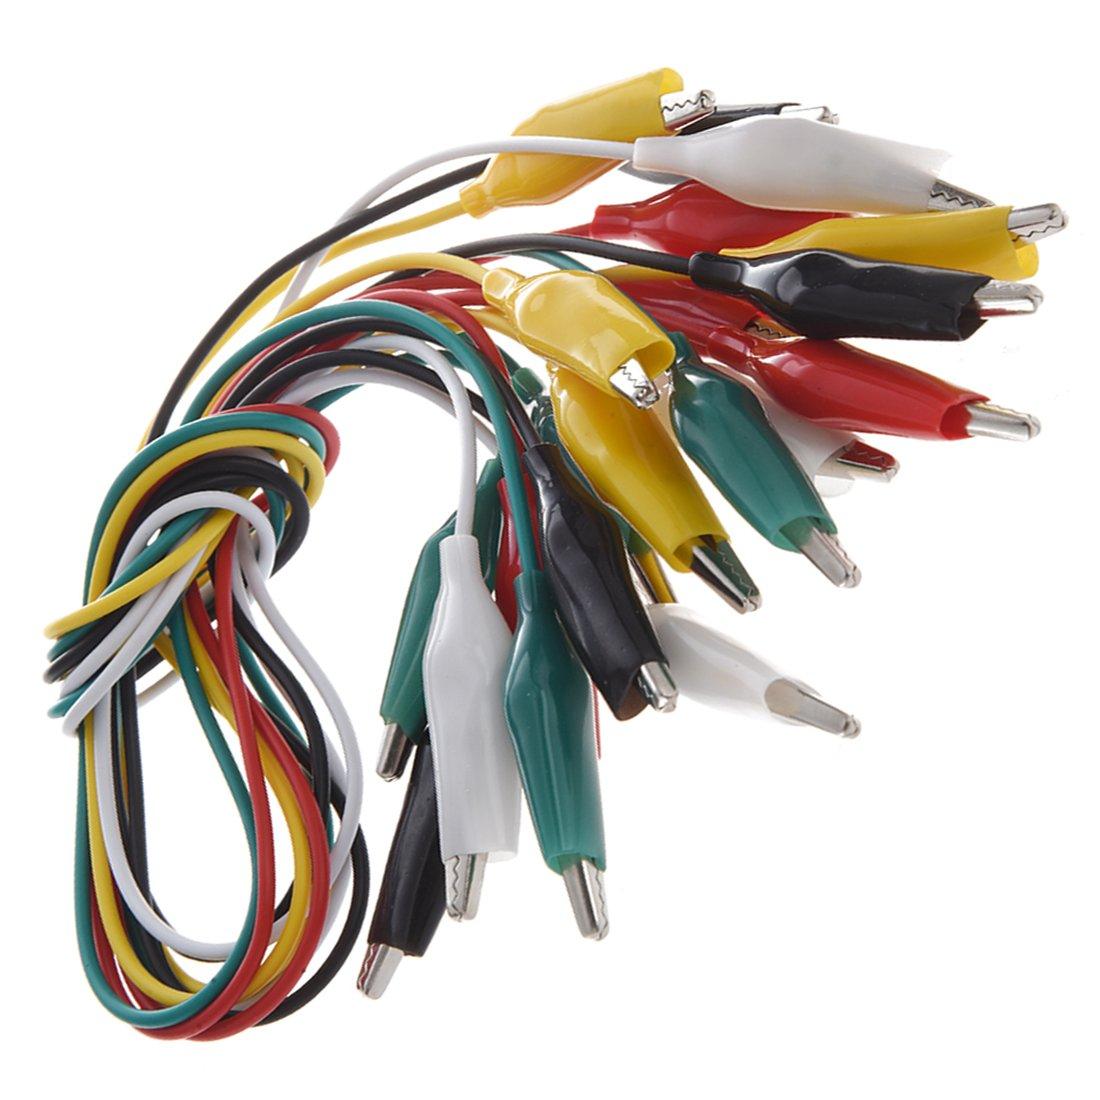 LINSUNG Type de connecteur de cable de test de multim/ètre Fiche banane pince crocodile